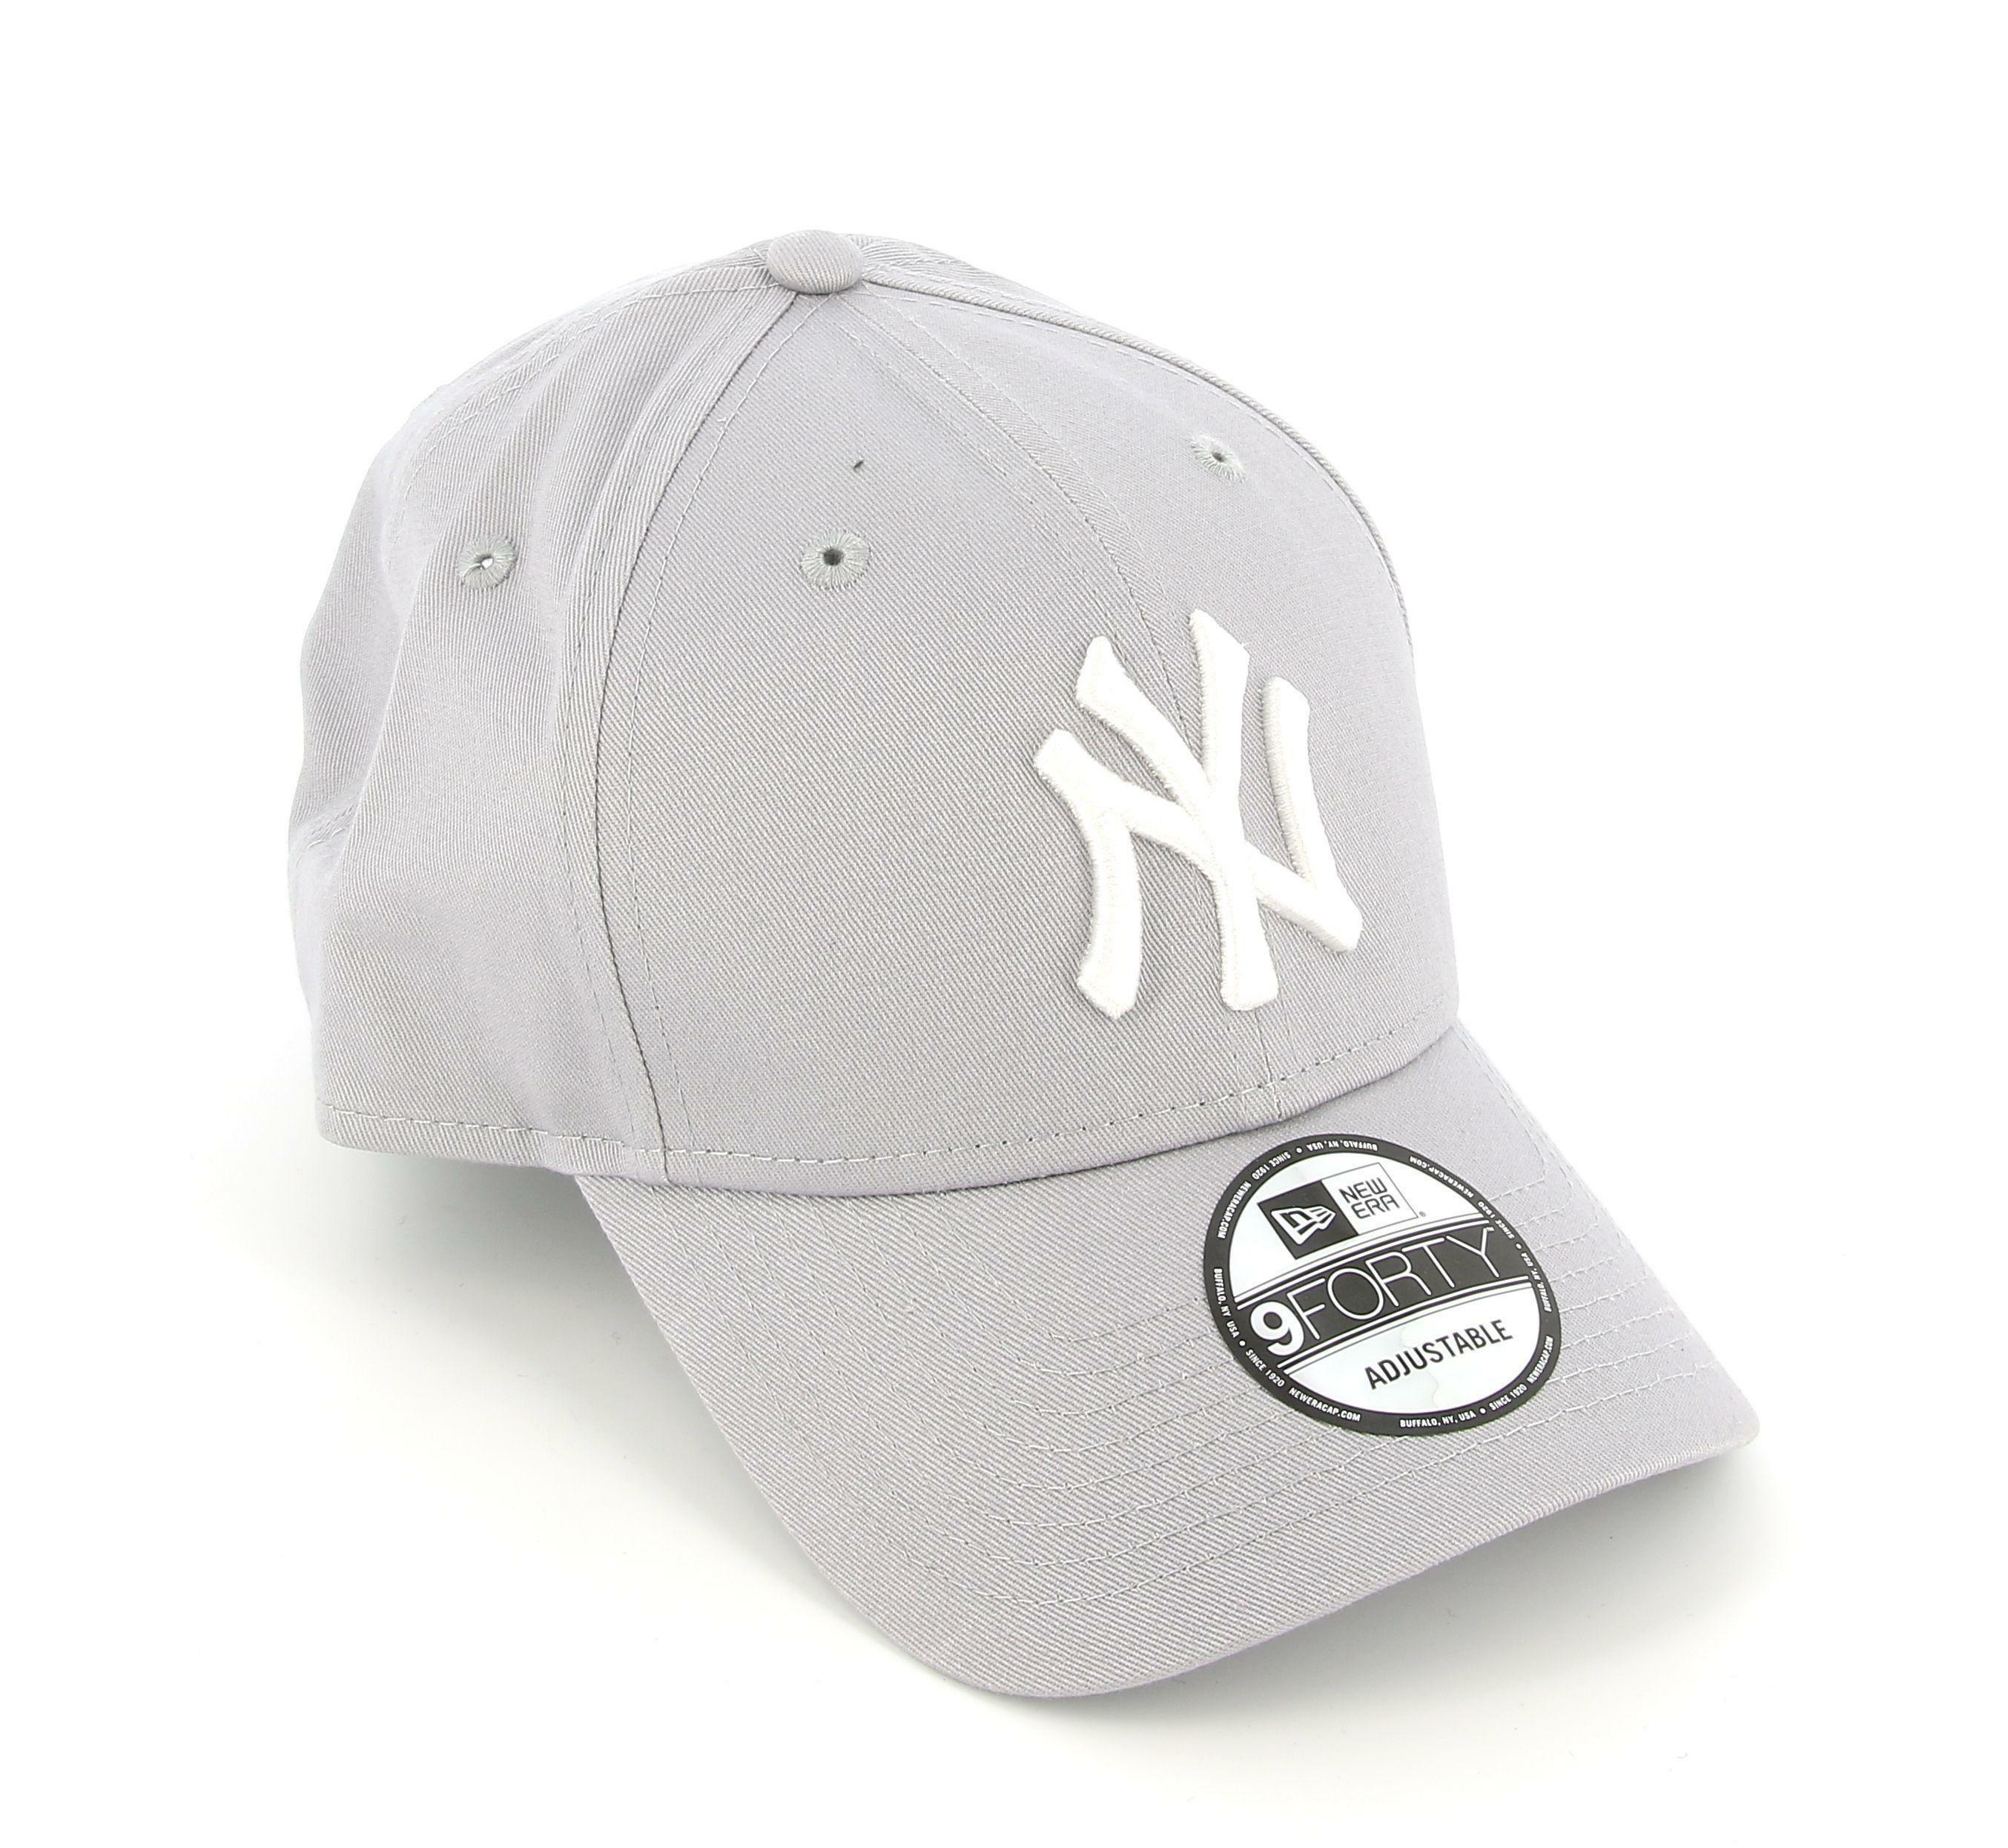 new era new era 10531940 cappello unisex gray/white